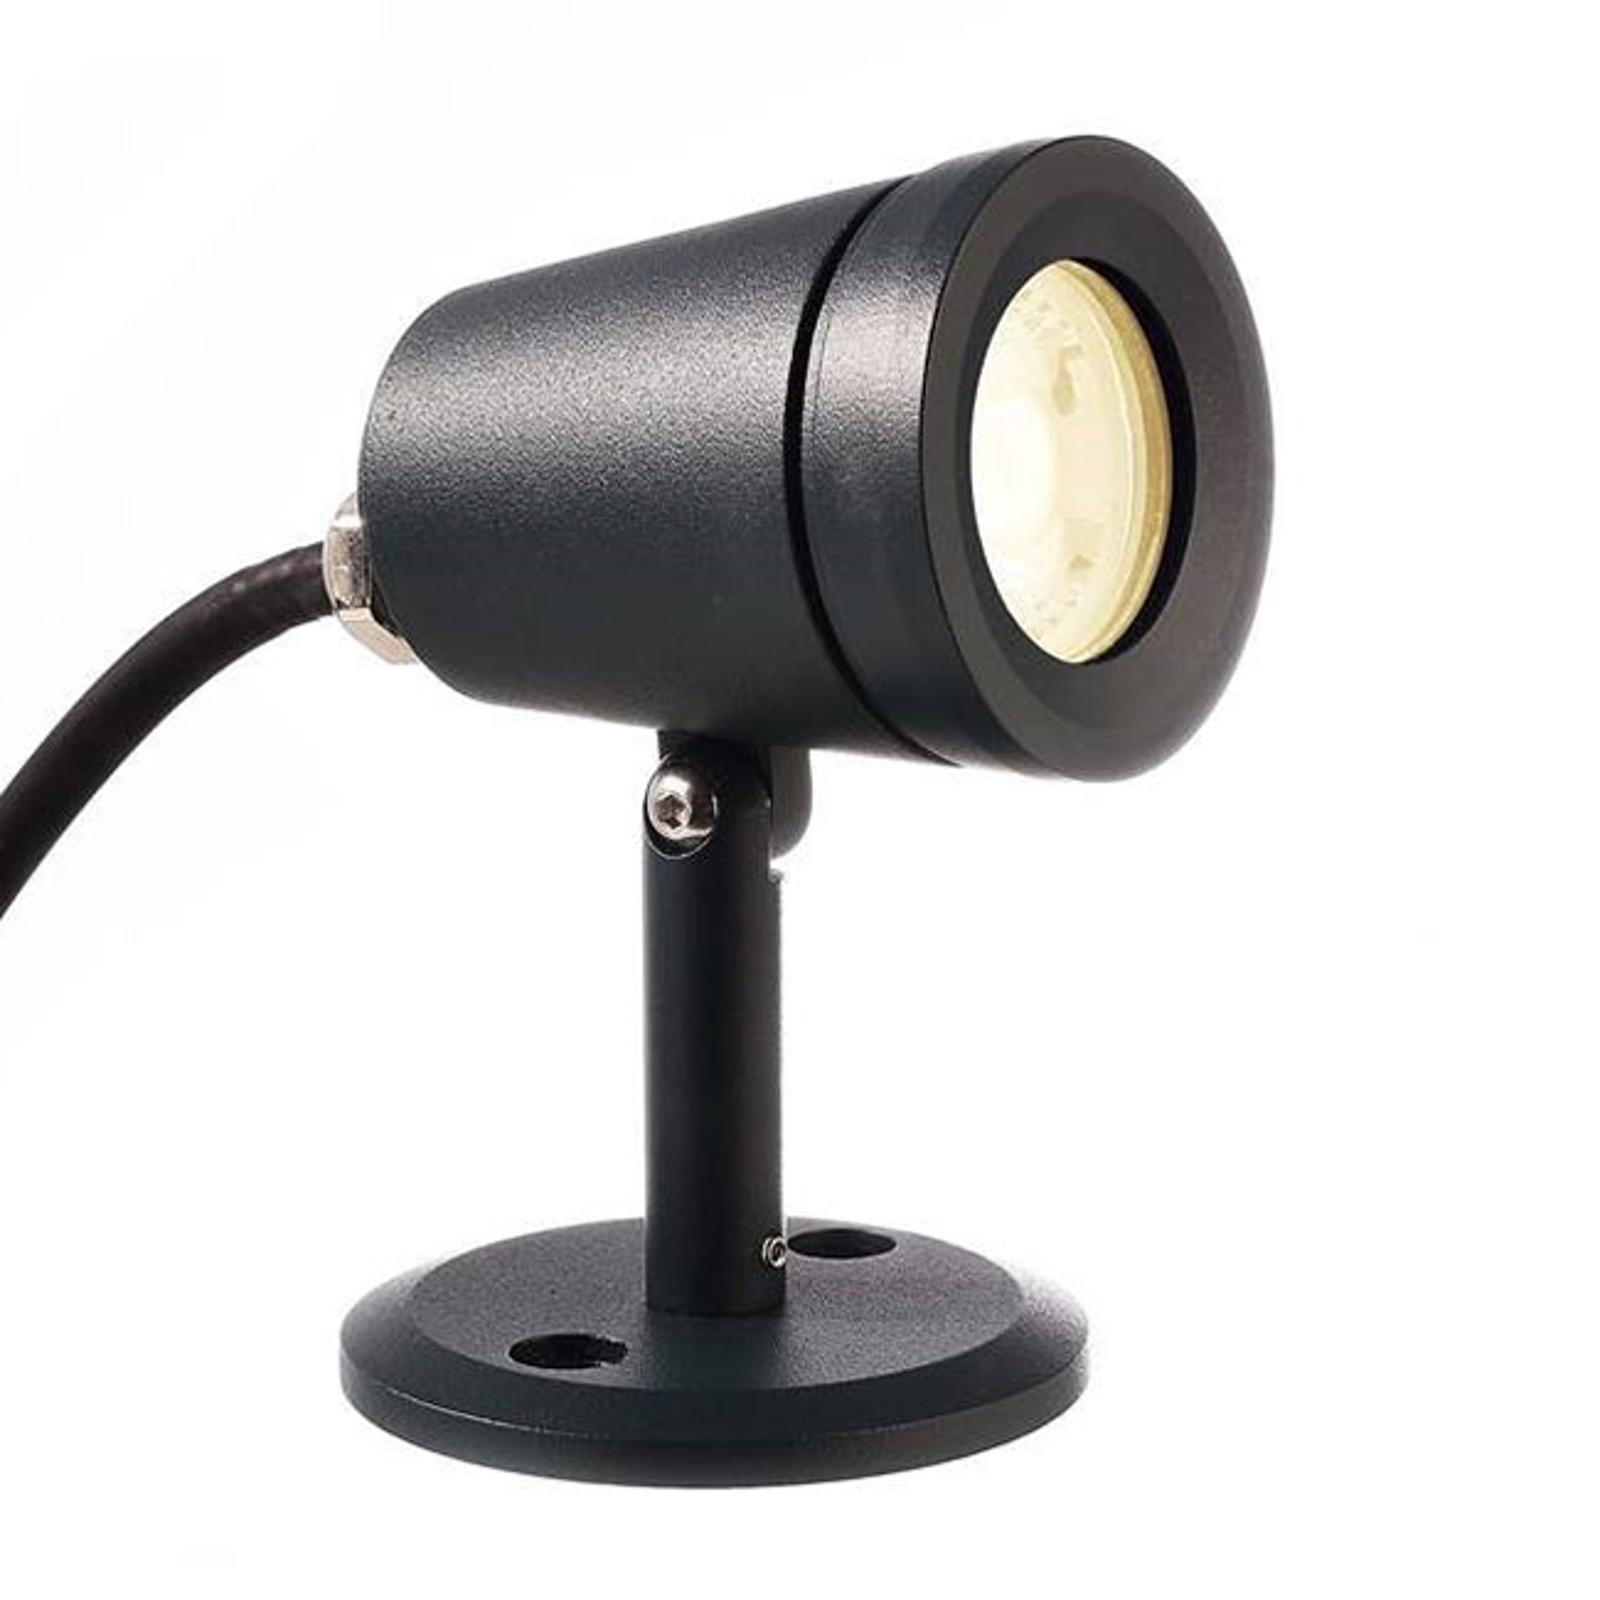 Reflektor zewnętrzny LED Colt, ciepła biel, 4 W